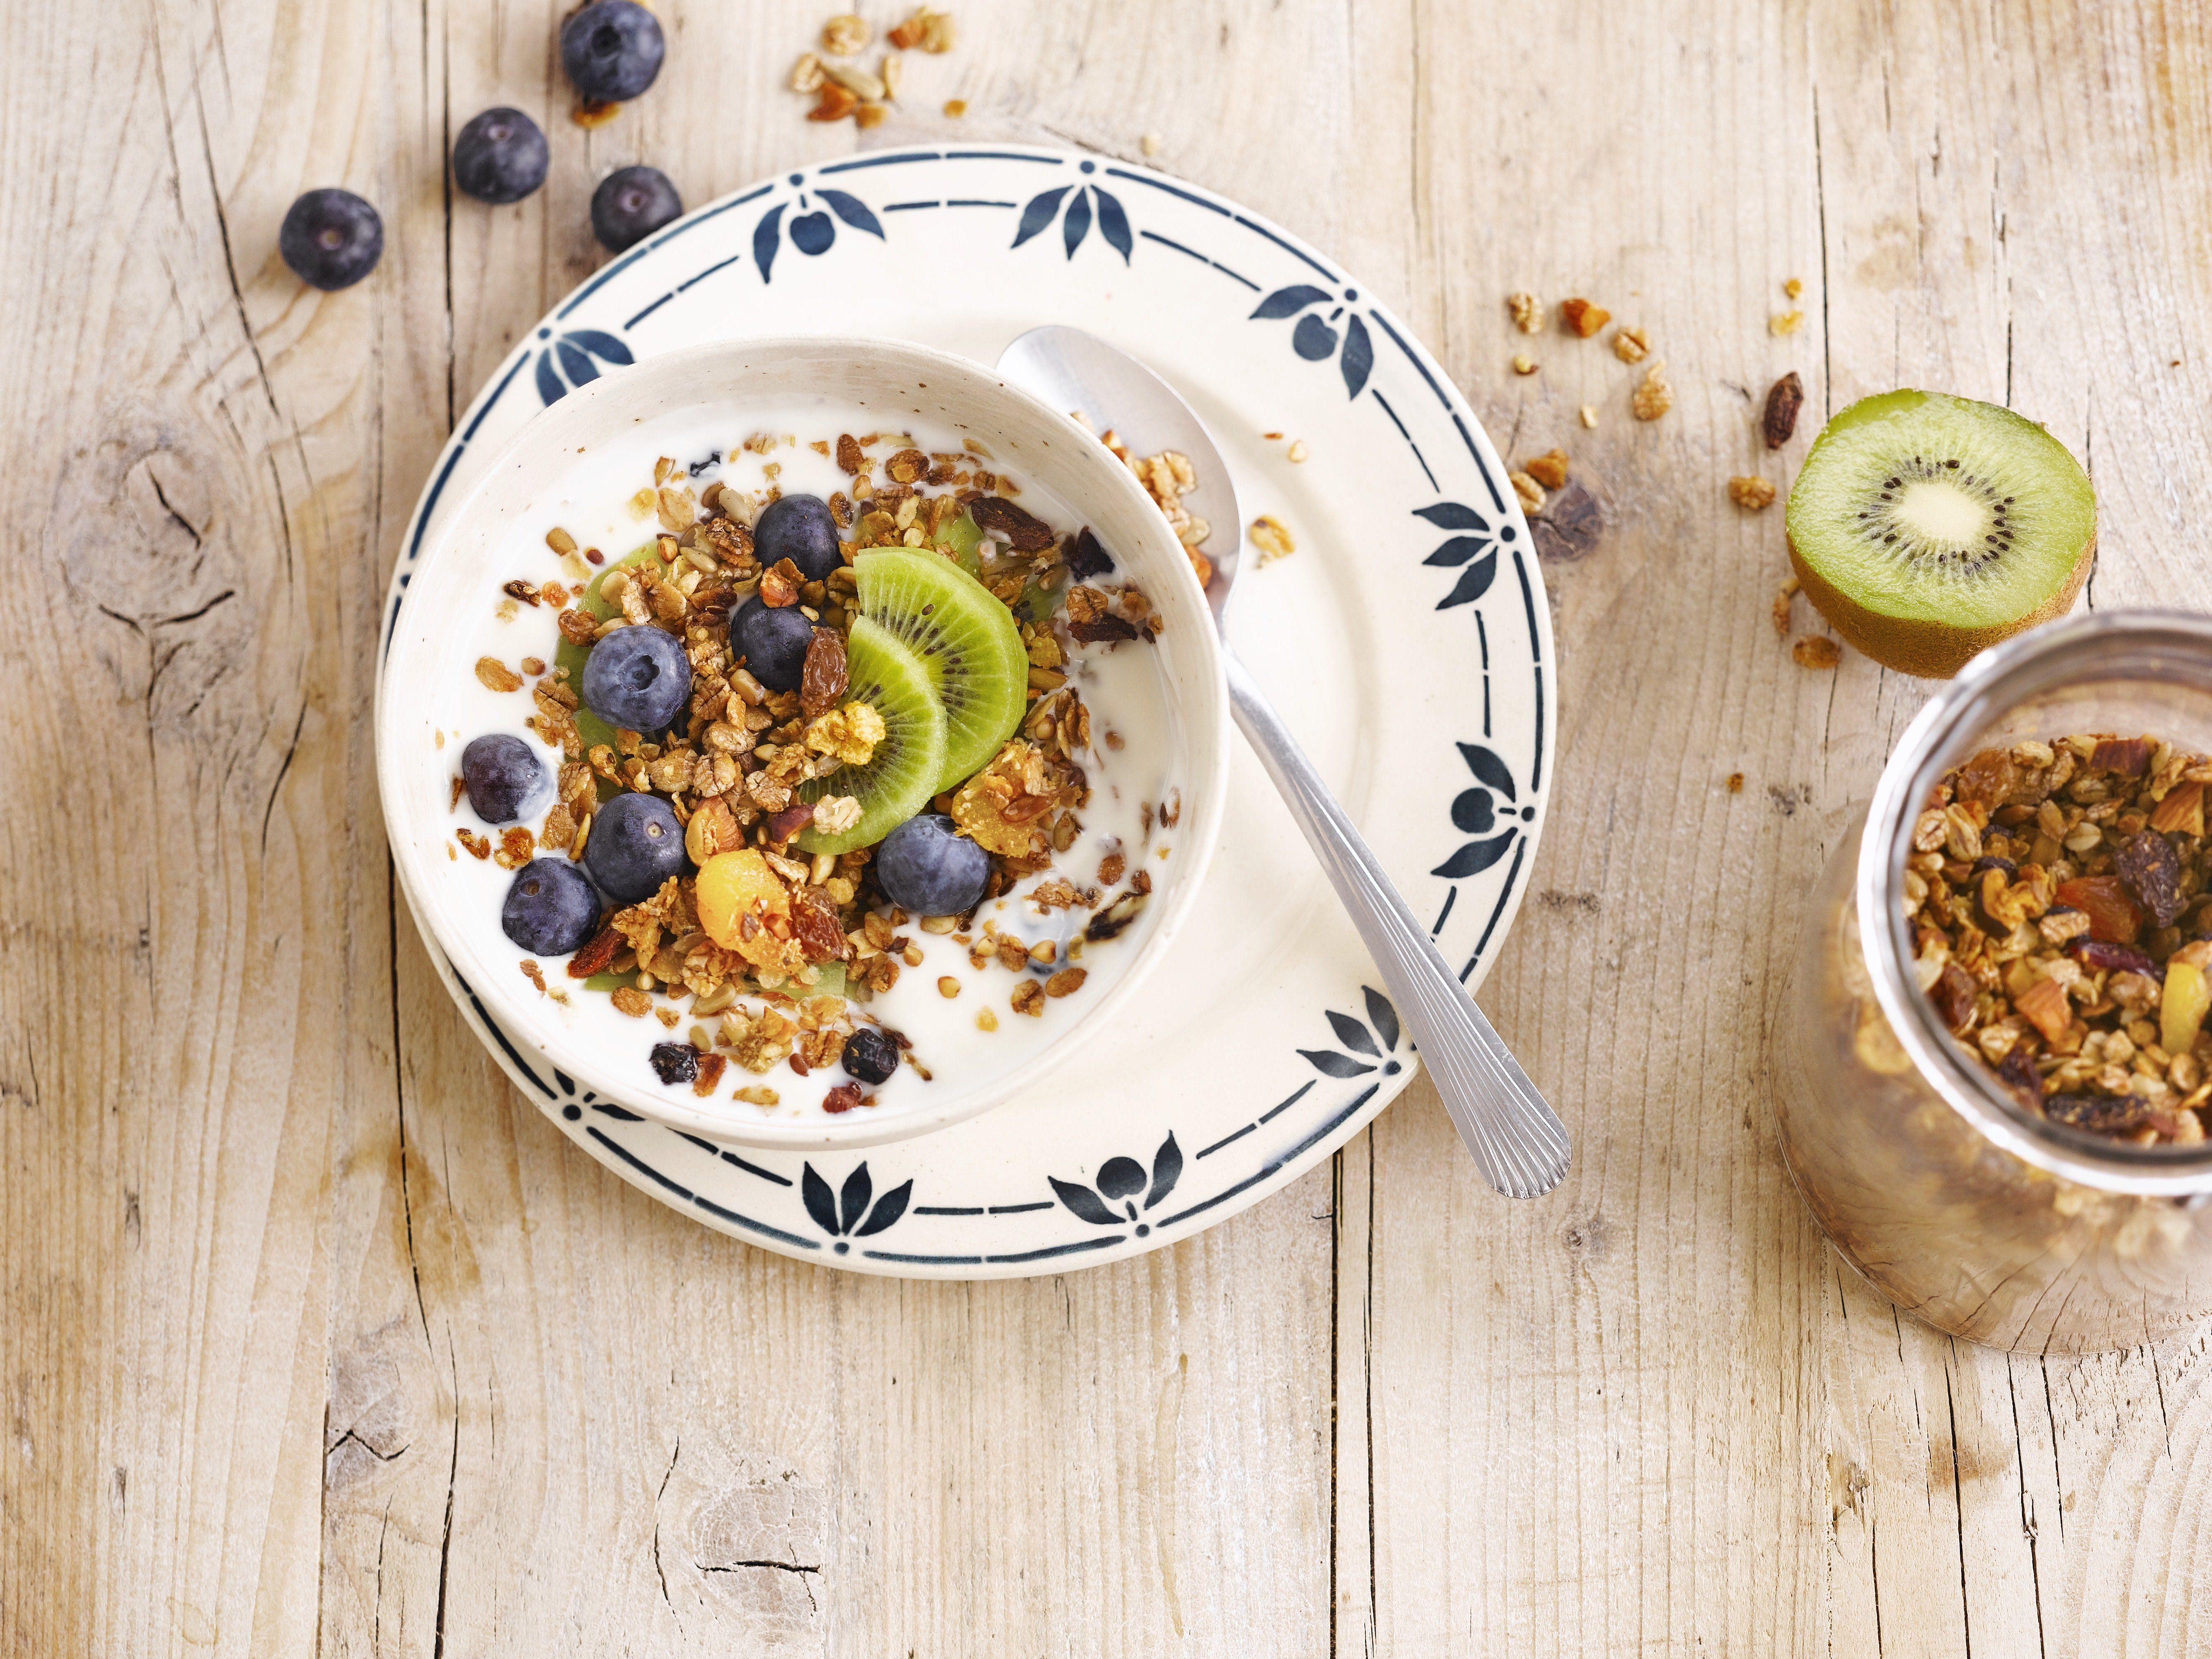 Alpro Pehmeän Täyteläinen ja hedelmäinen granola aamiainen